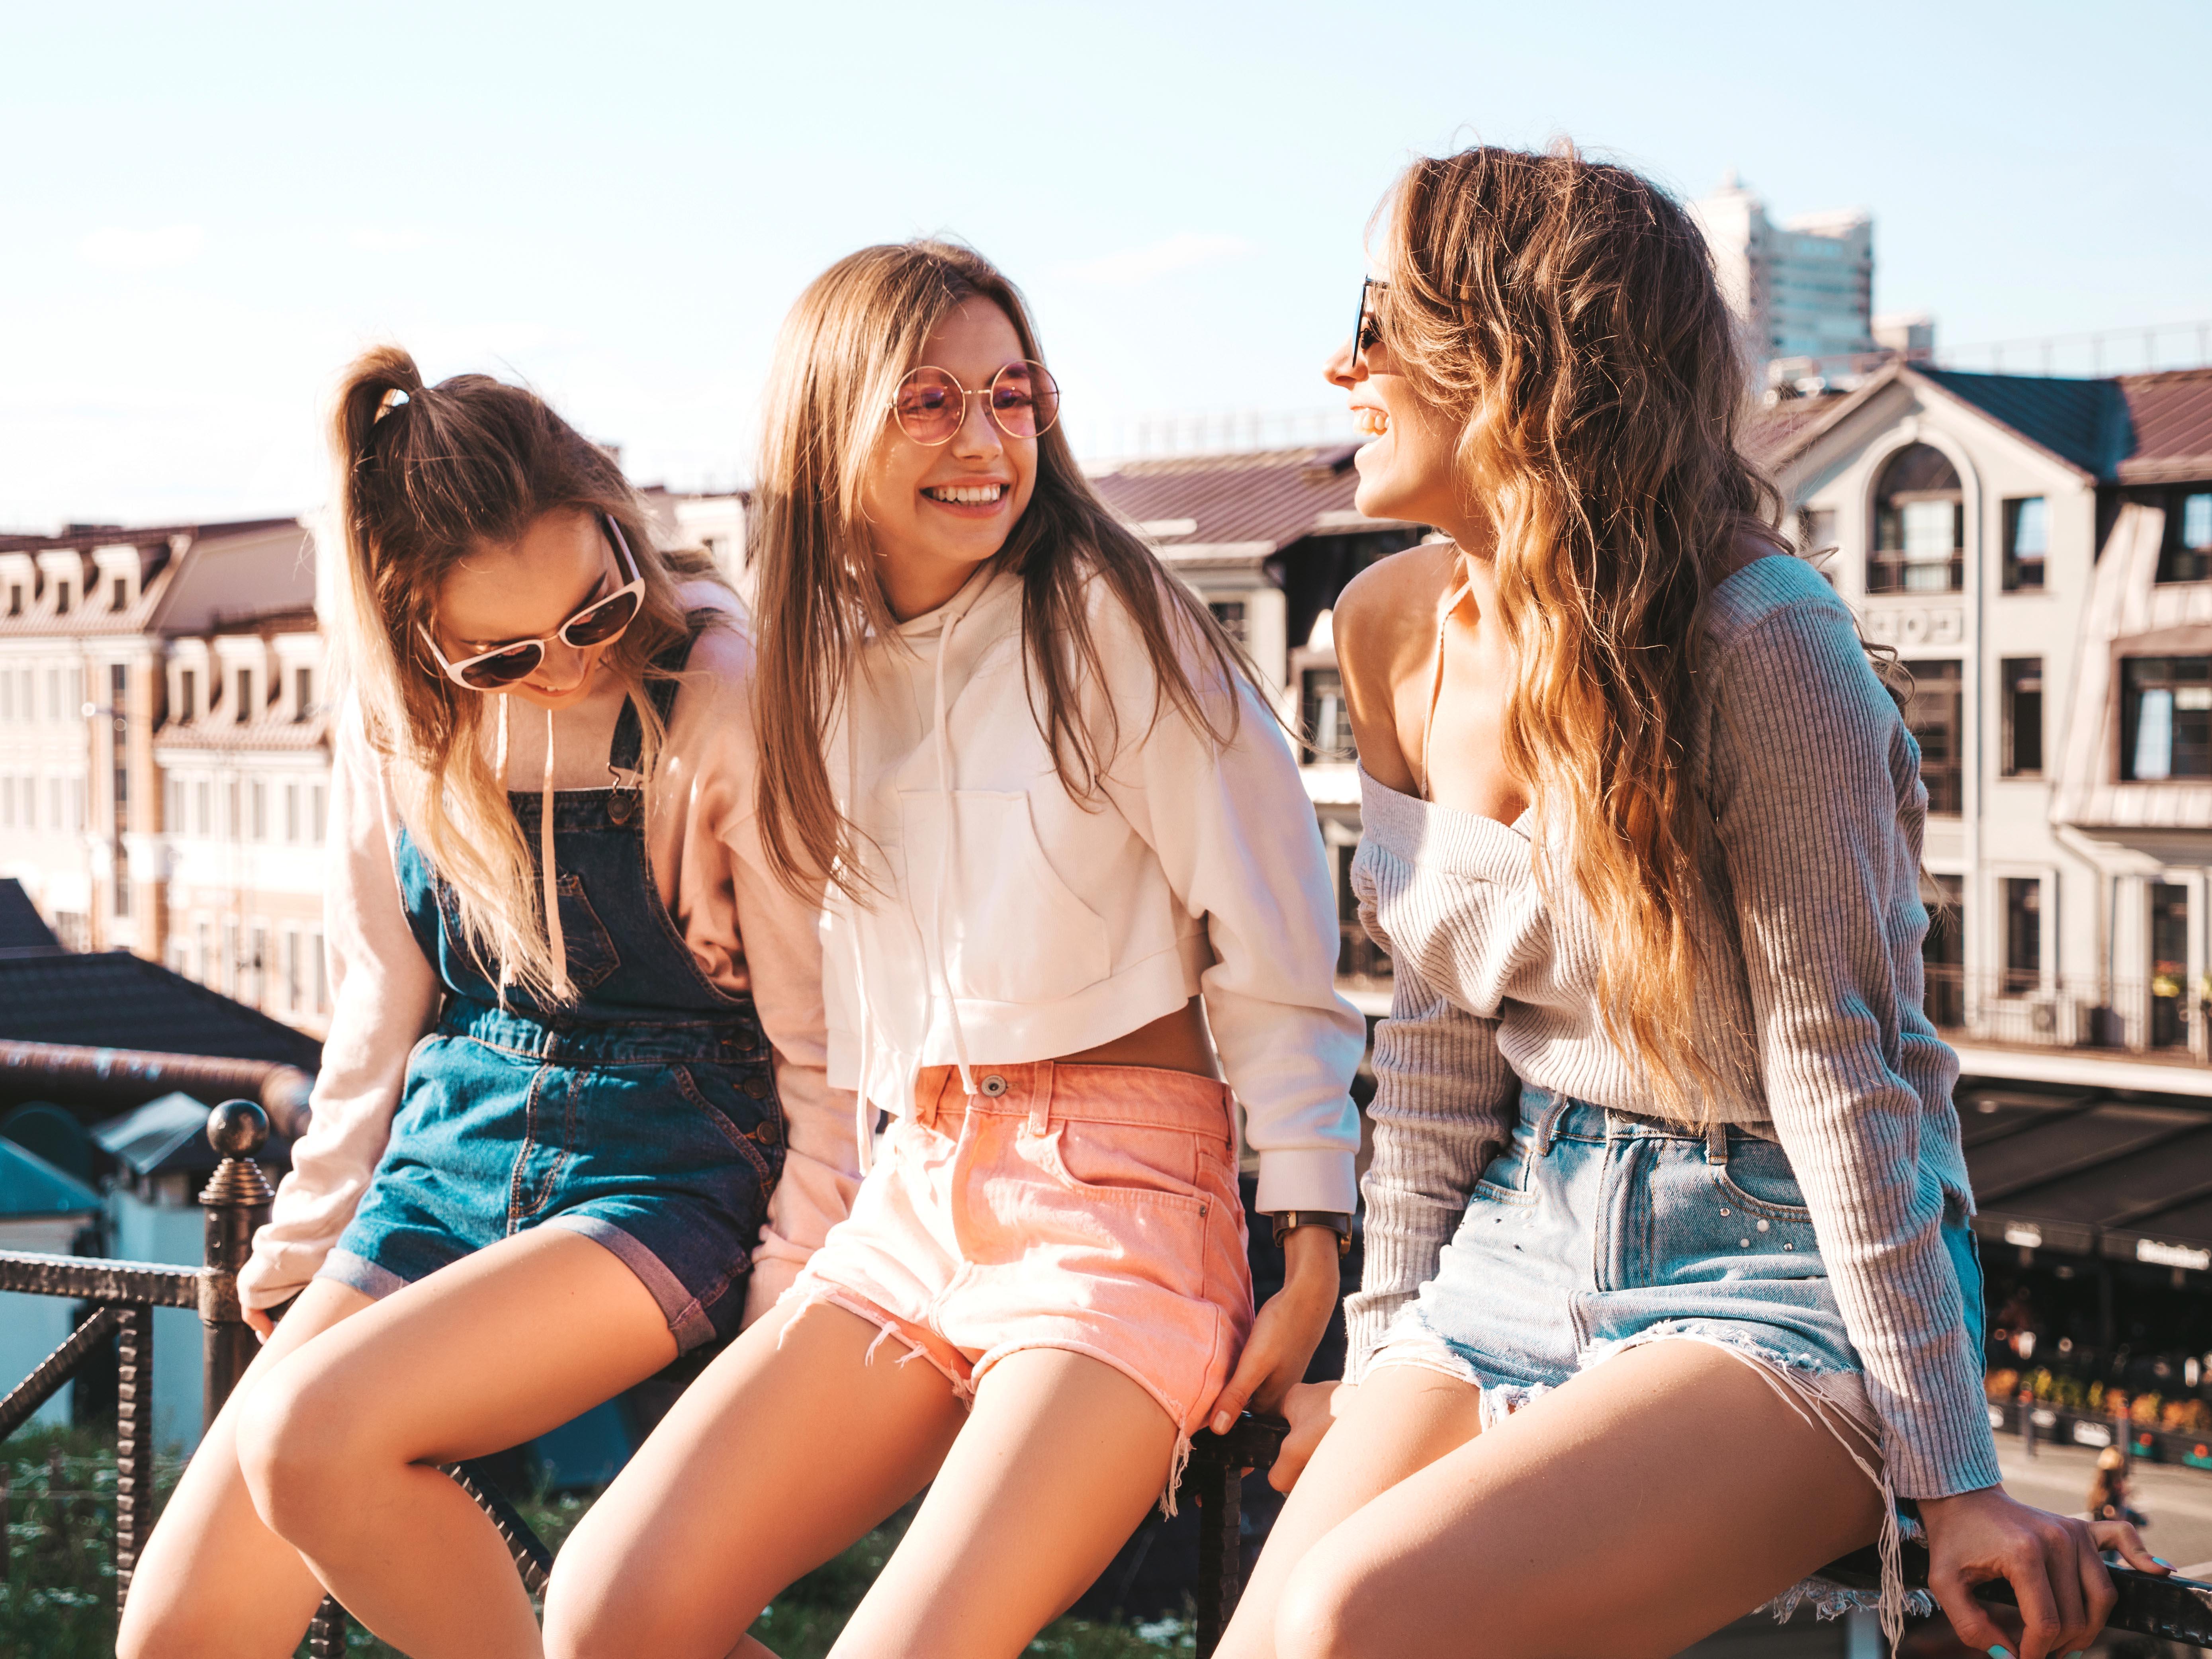 nhóm bạn 3 người hạnh phúc